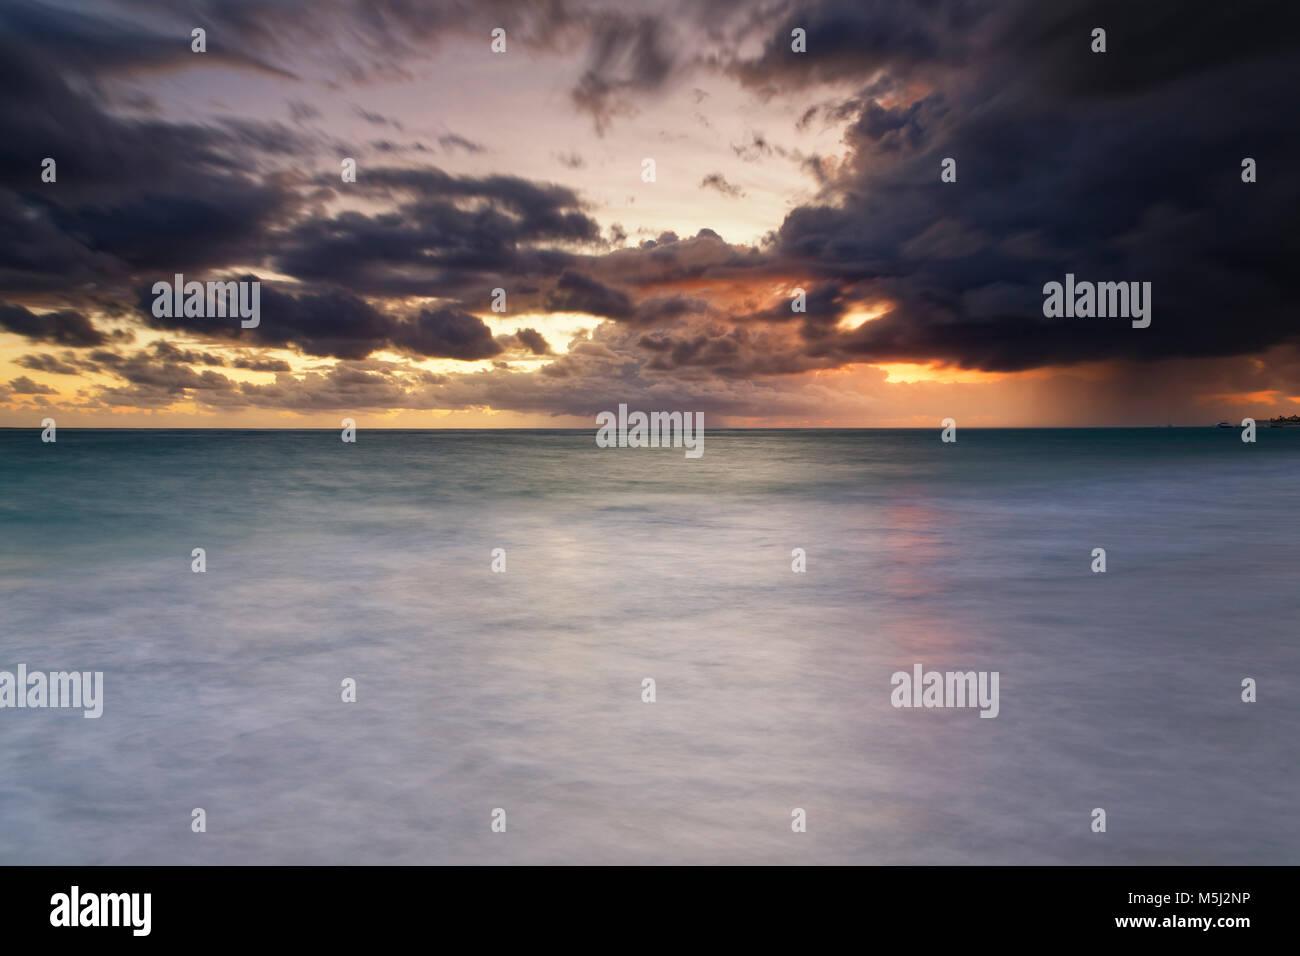 Caraïbes, la République dominicaine, Punta Cana, Playa Bavaro, vue sur la mer au lever du soleil Photo Stock